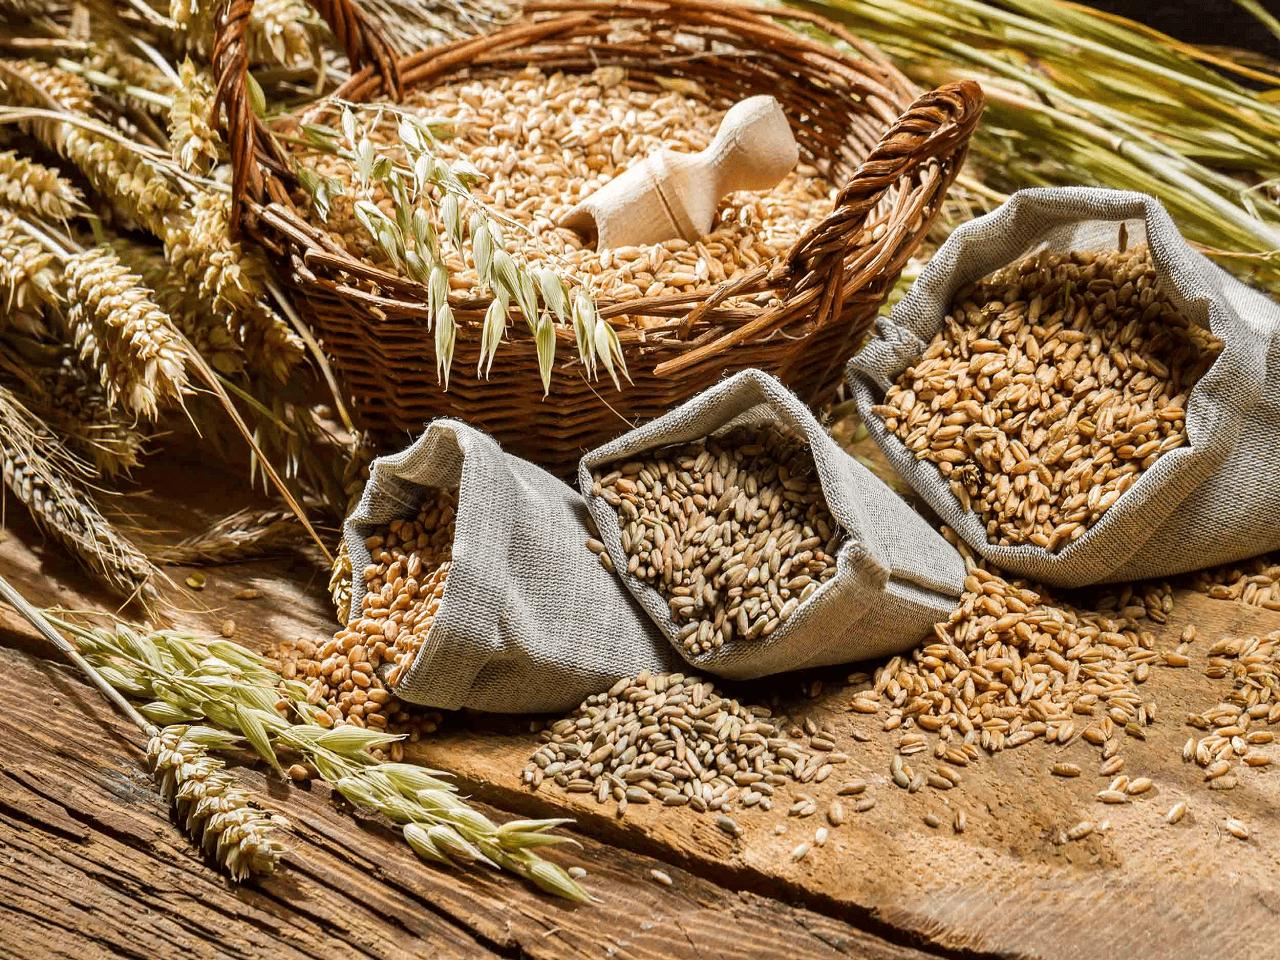 Rusya Tahıl İhracatındaki Vergileri Artırma Kararı Aldı